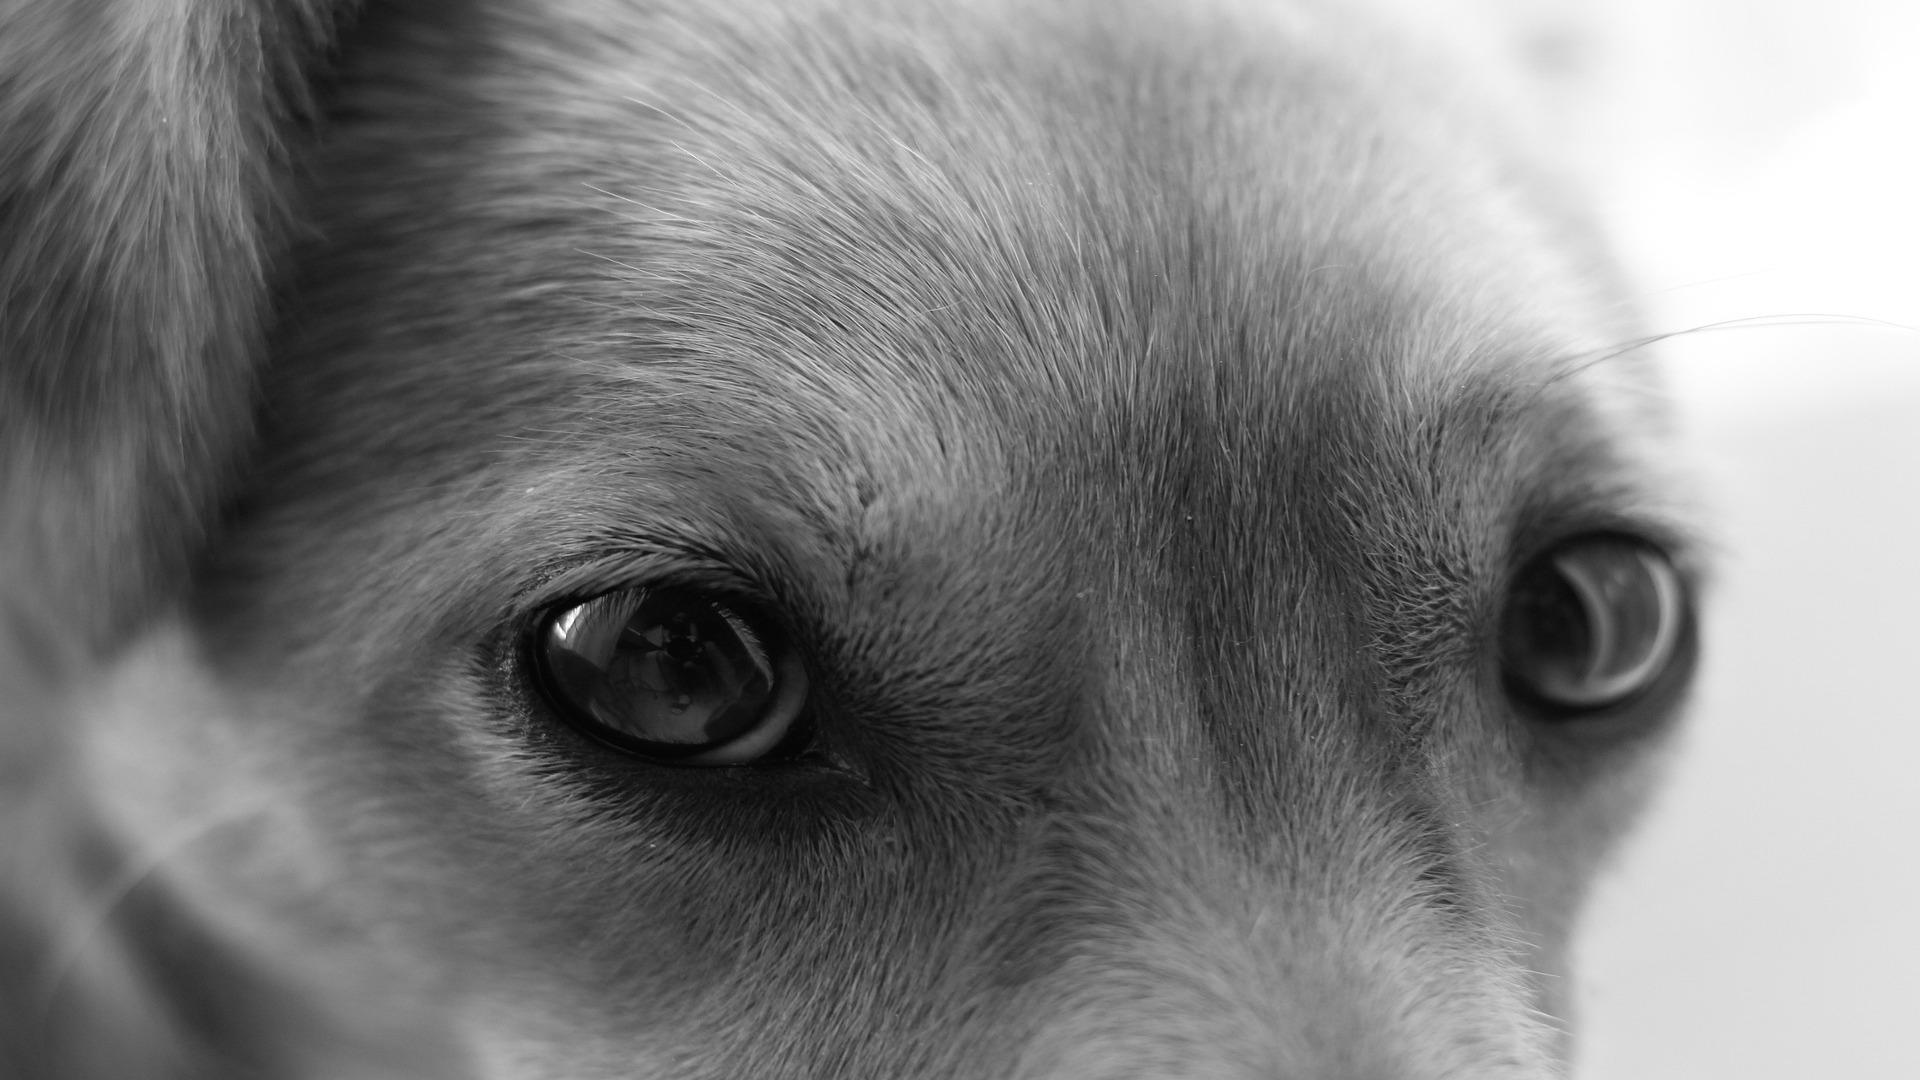 El curioso comportamiento de los perros ante la vida y la muerte1920